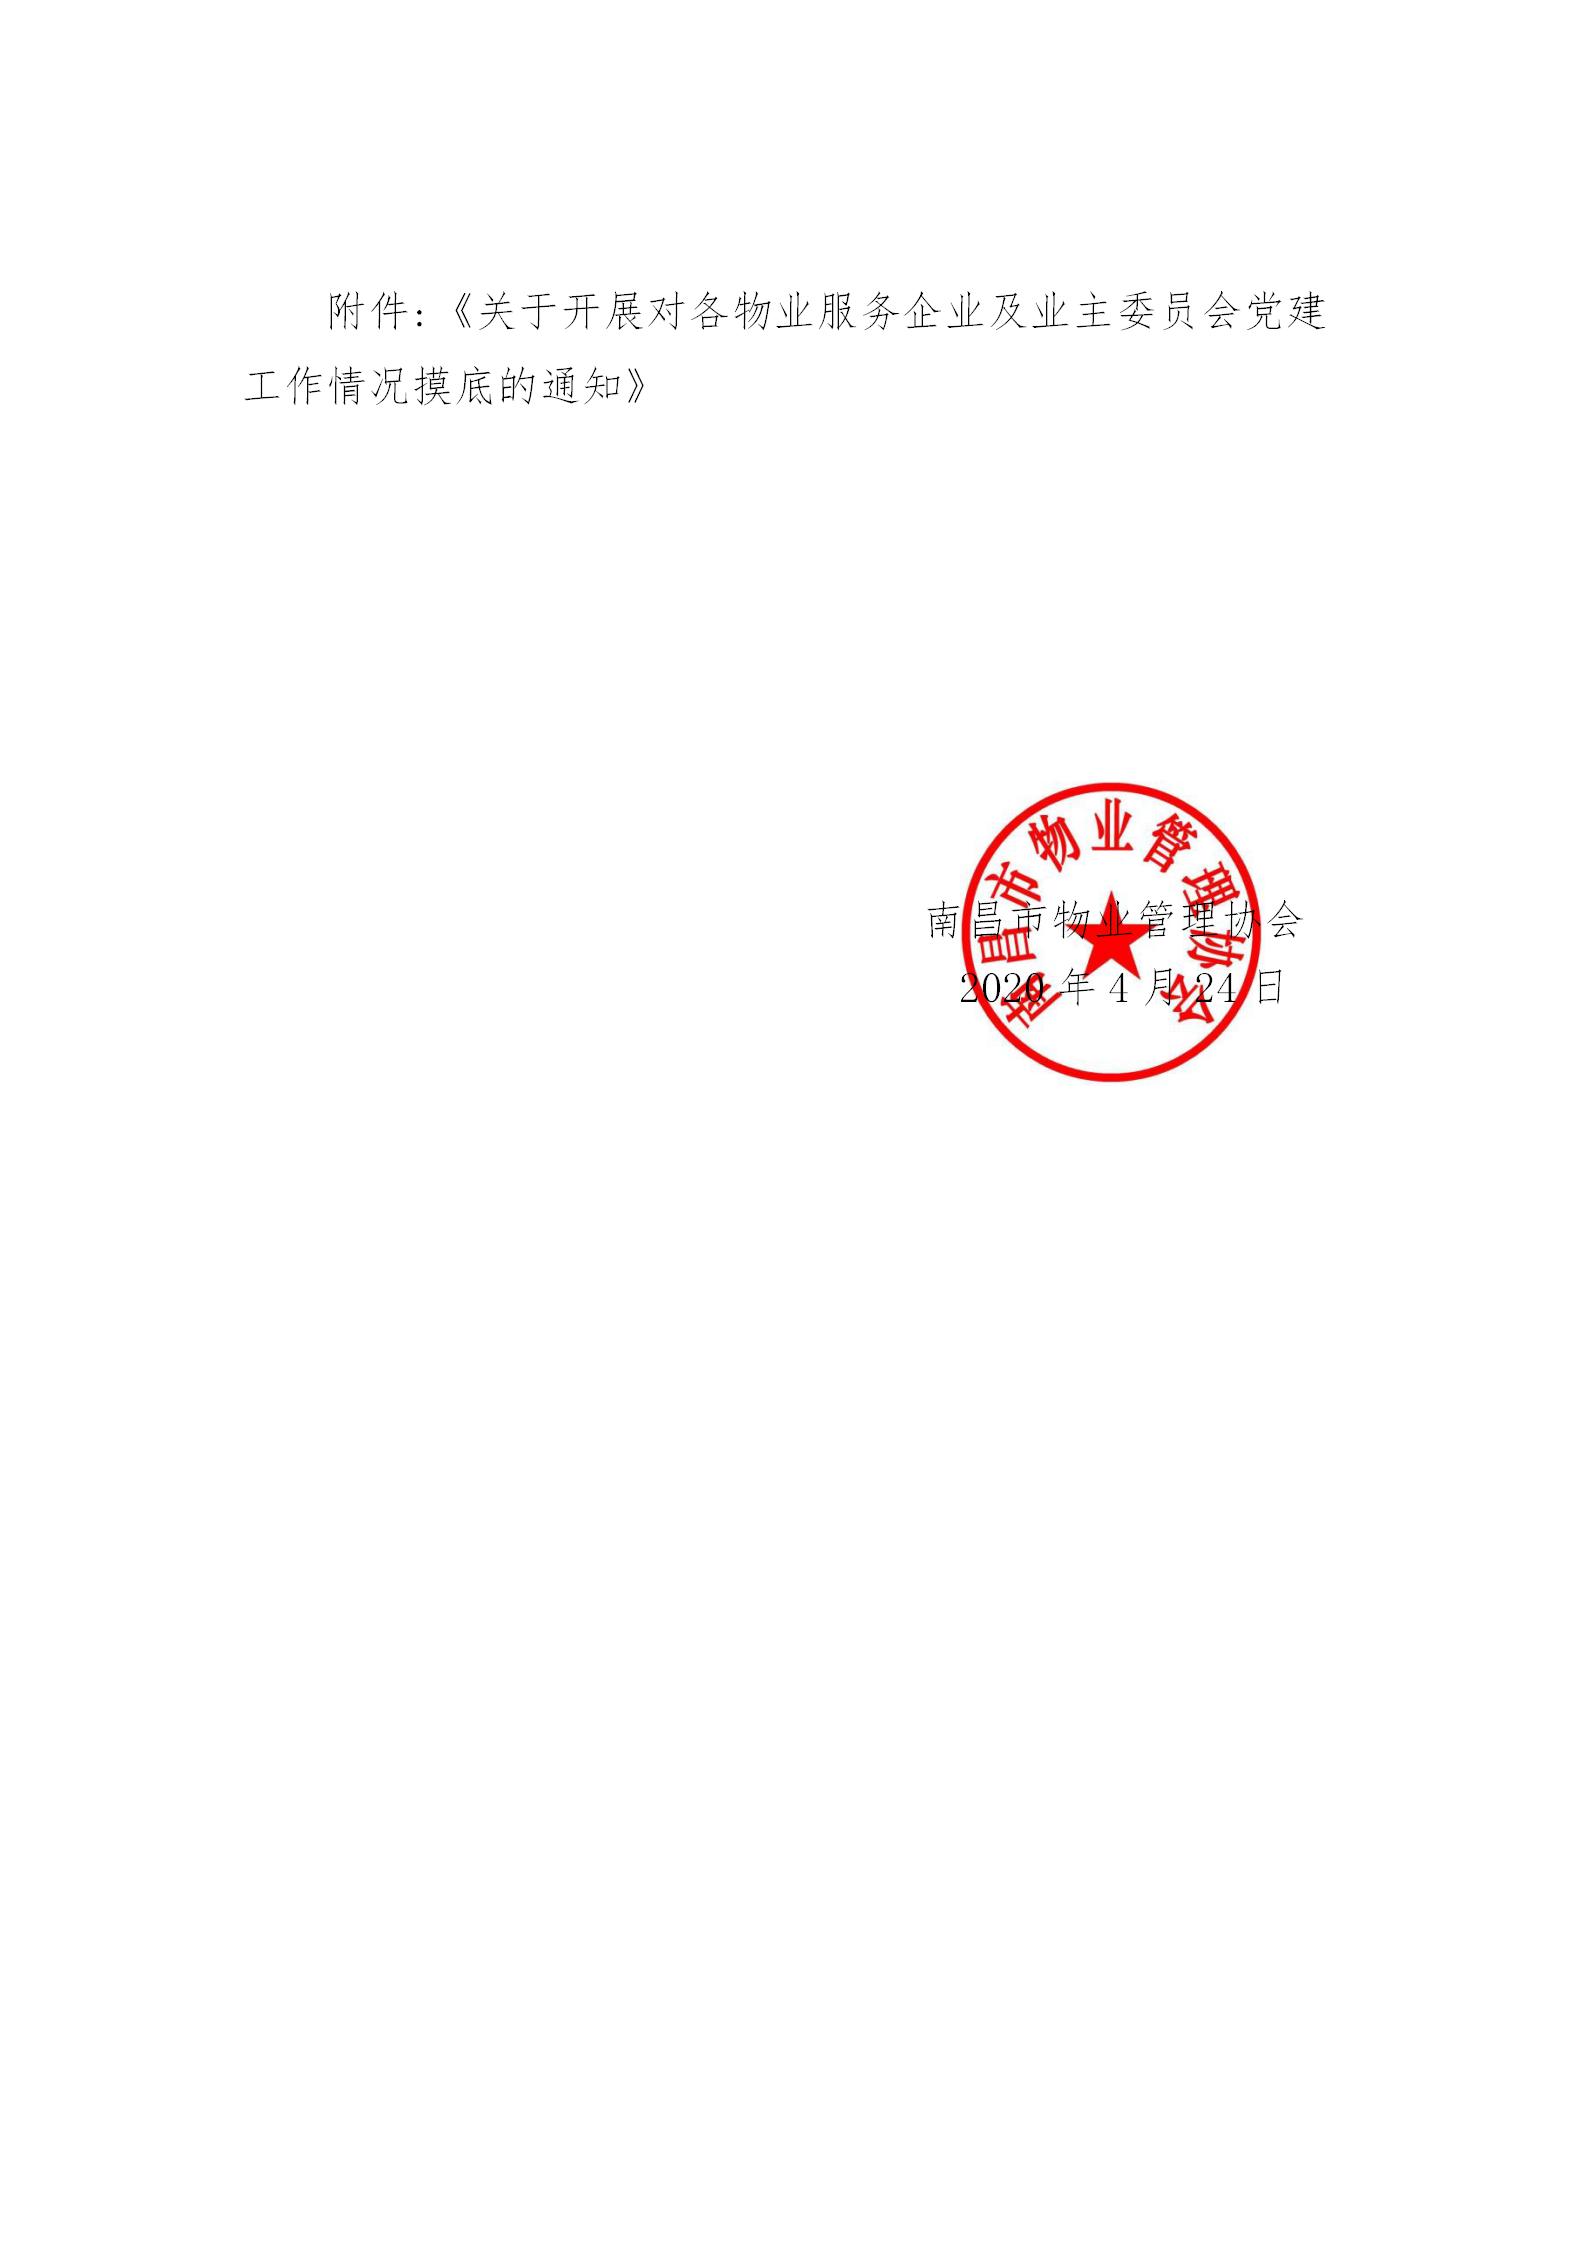 关于转发《关于开展对各物业服务企业及业主委员会党建工作情况摸底的通知》的通知_02.png